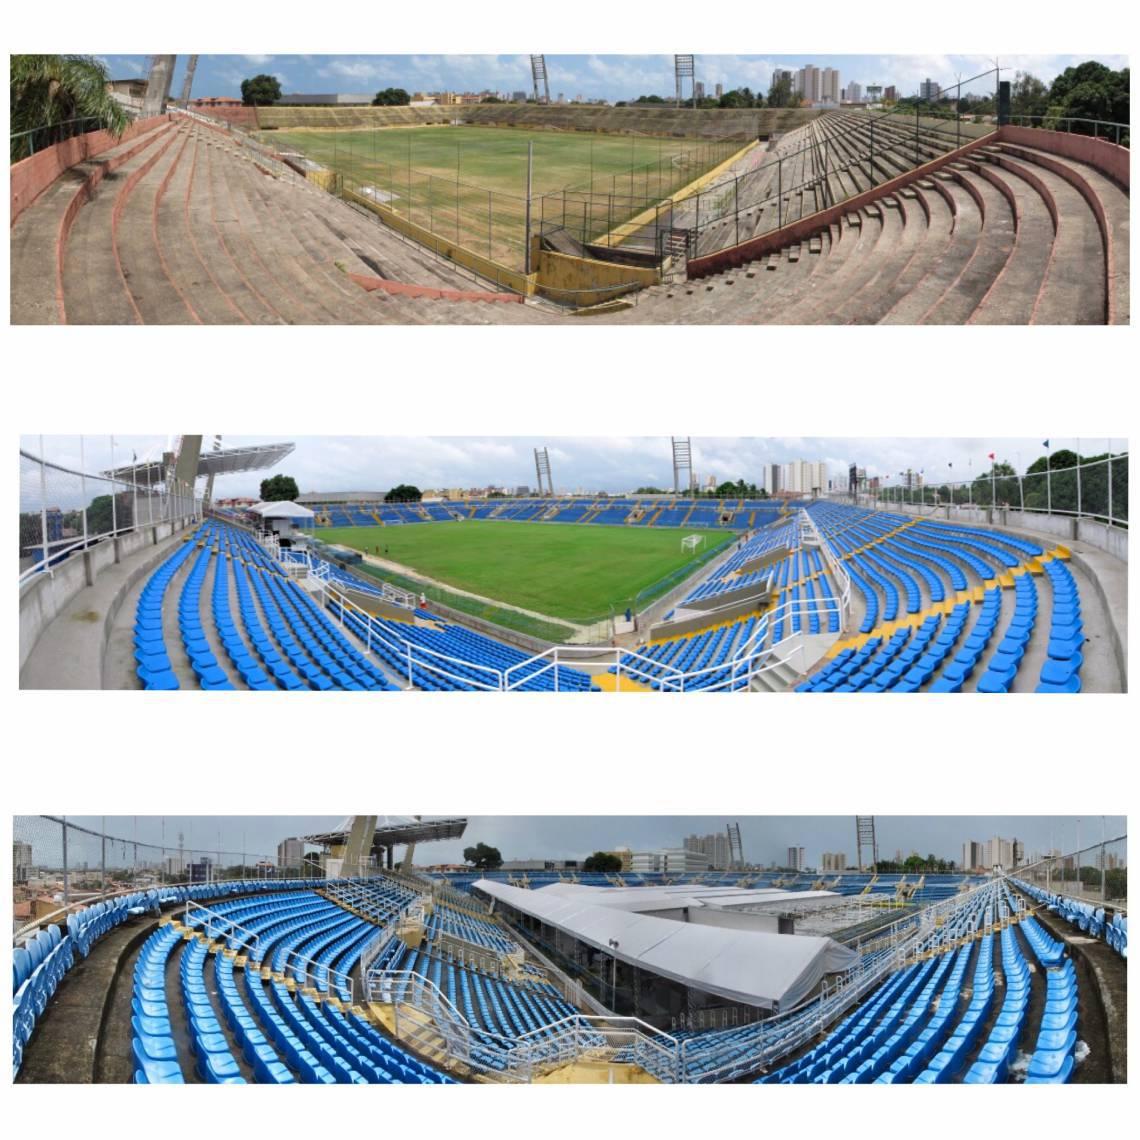 Veja as mudanças no estádio Presidente Vargas que neste sábado, 18, passou a funcionar como hospital de campanha contra a Covid-19 (Fotos: Fábio Lima / O POVO)